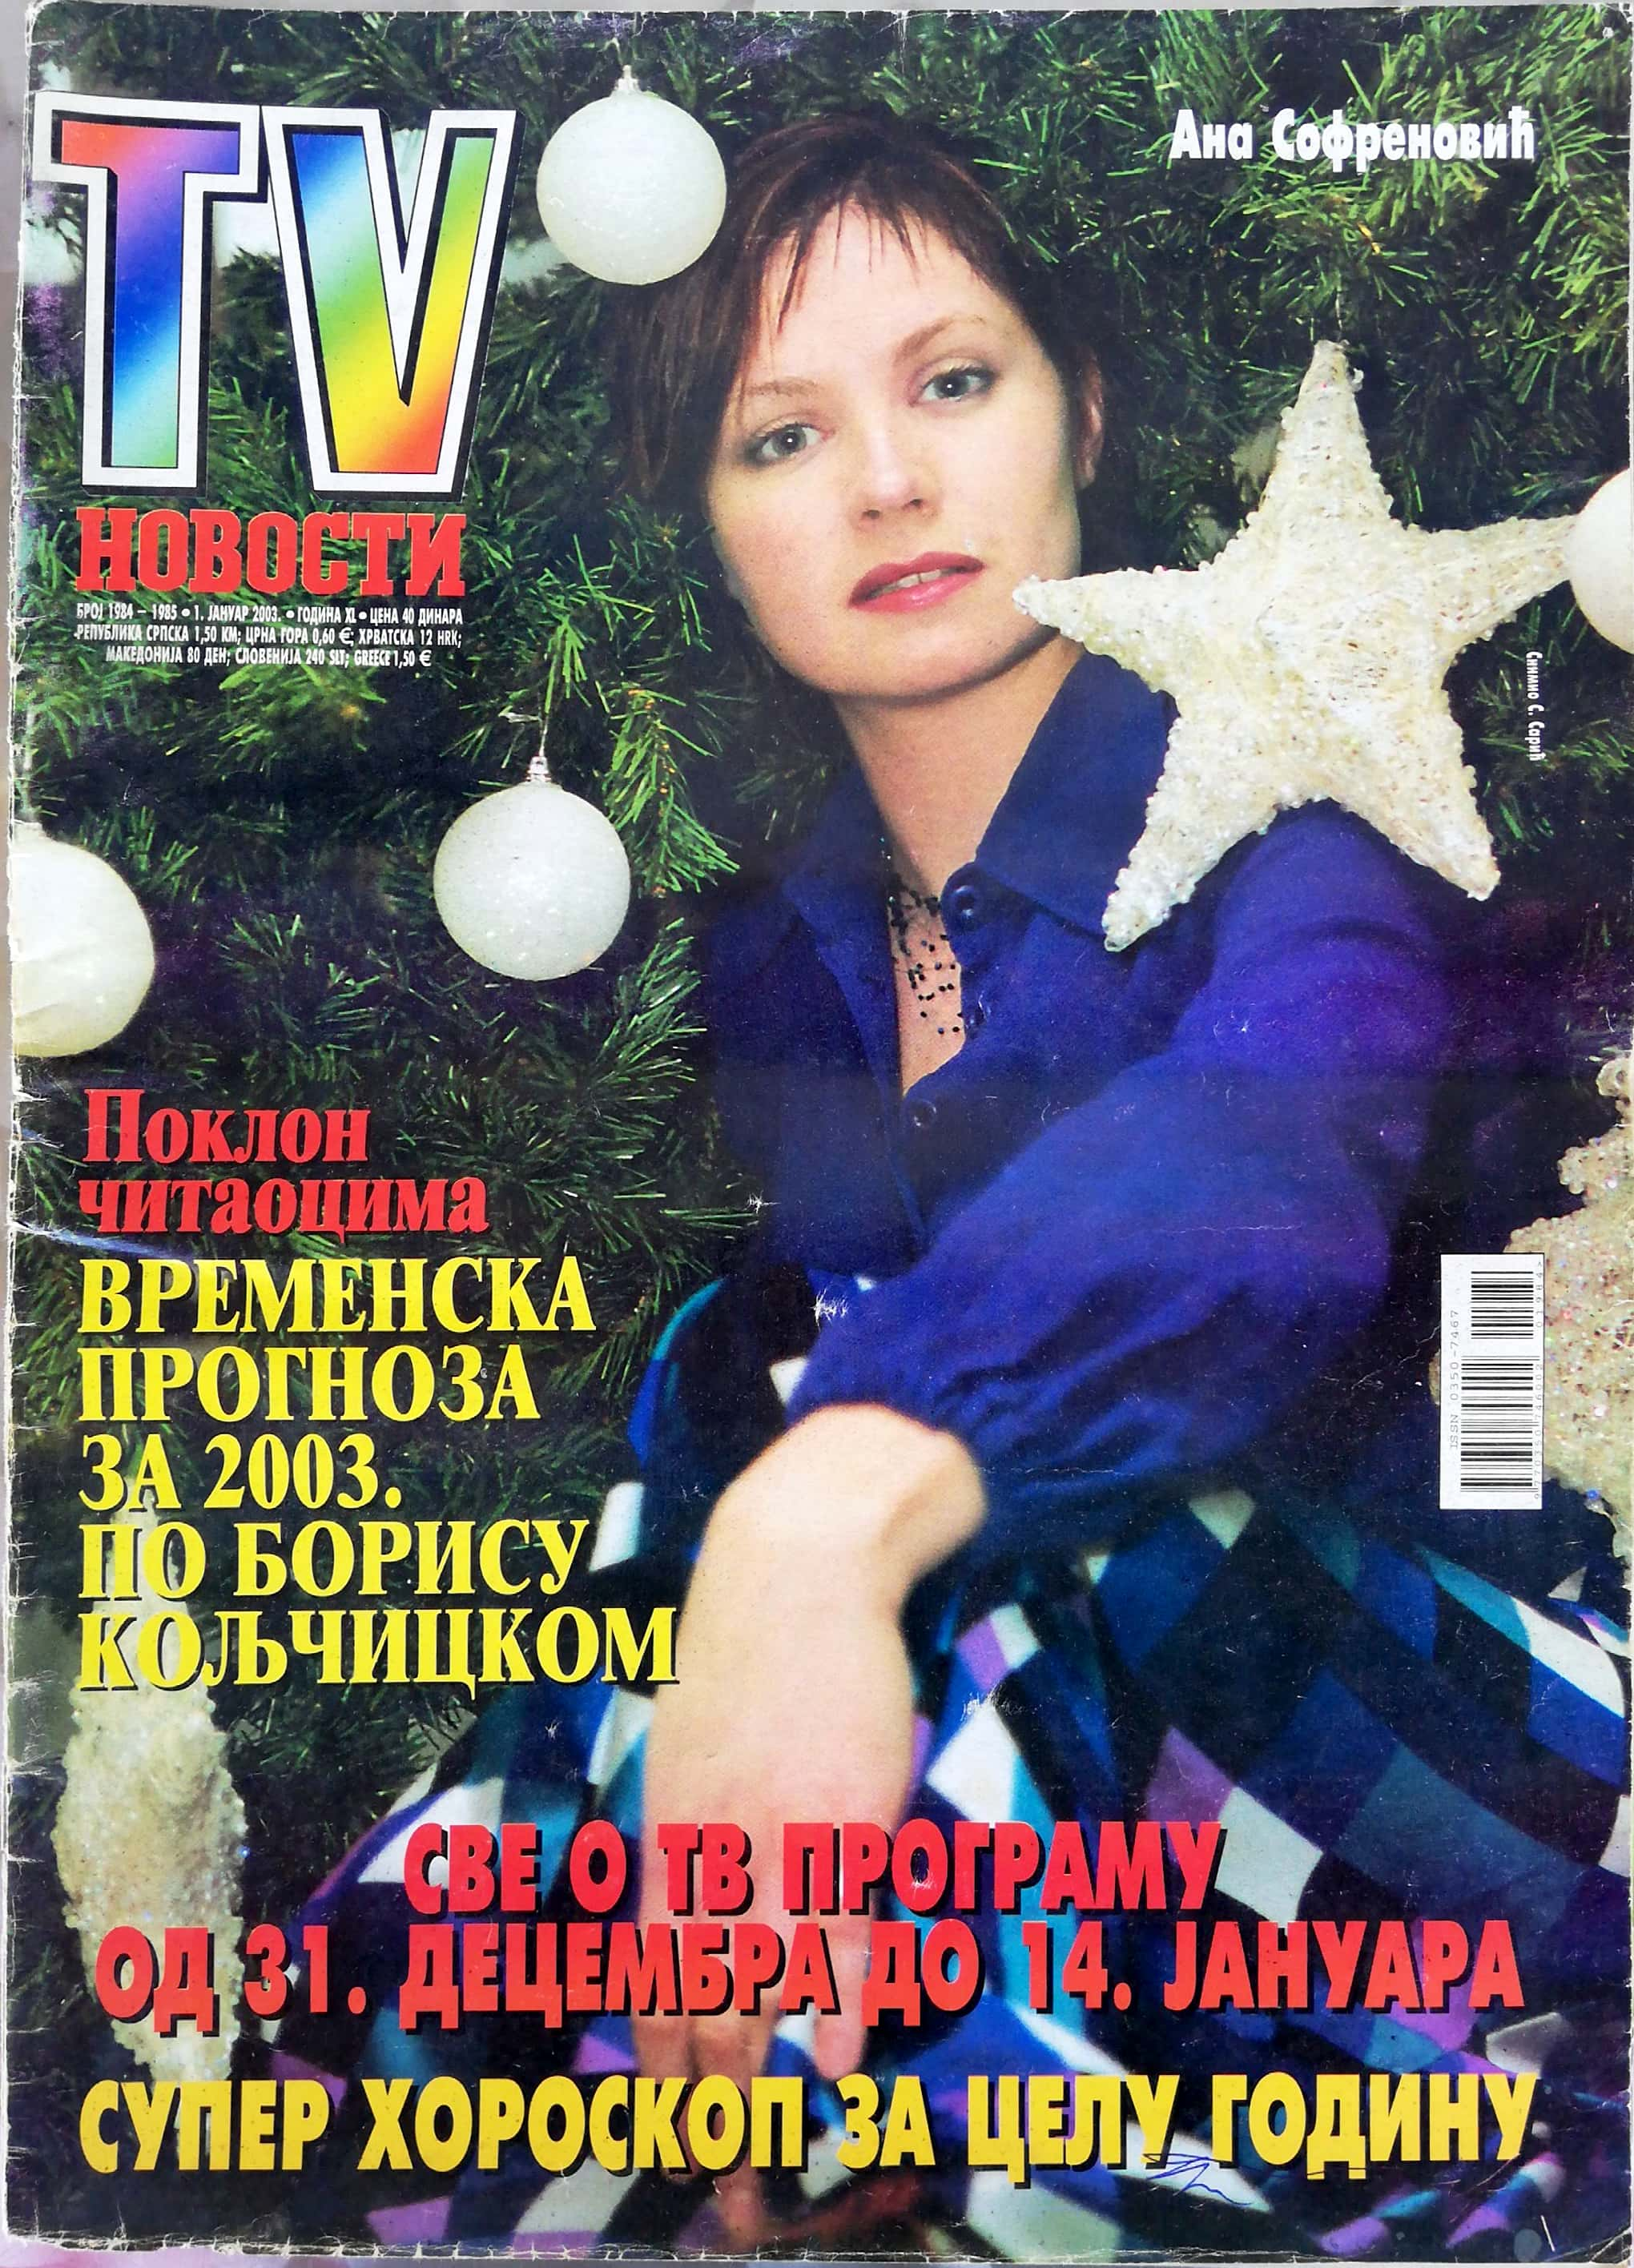 https://s7d6.turboimg.net/sp/3d2d3c021be9213112d4a307c130810a/TV_Novosti_1984-1985.jpg